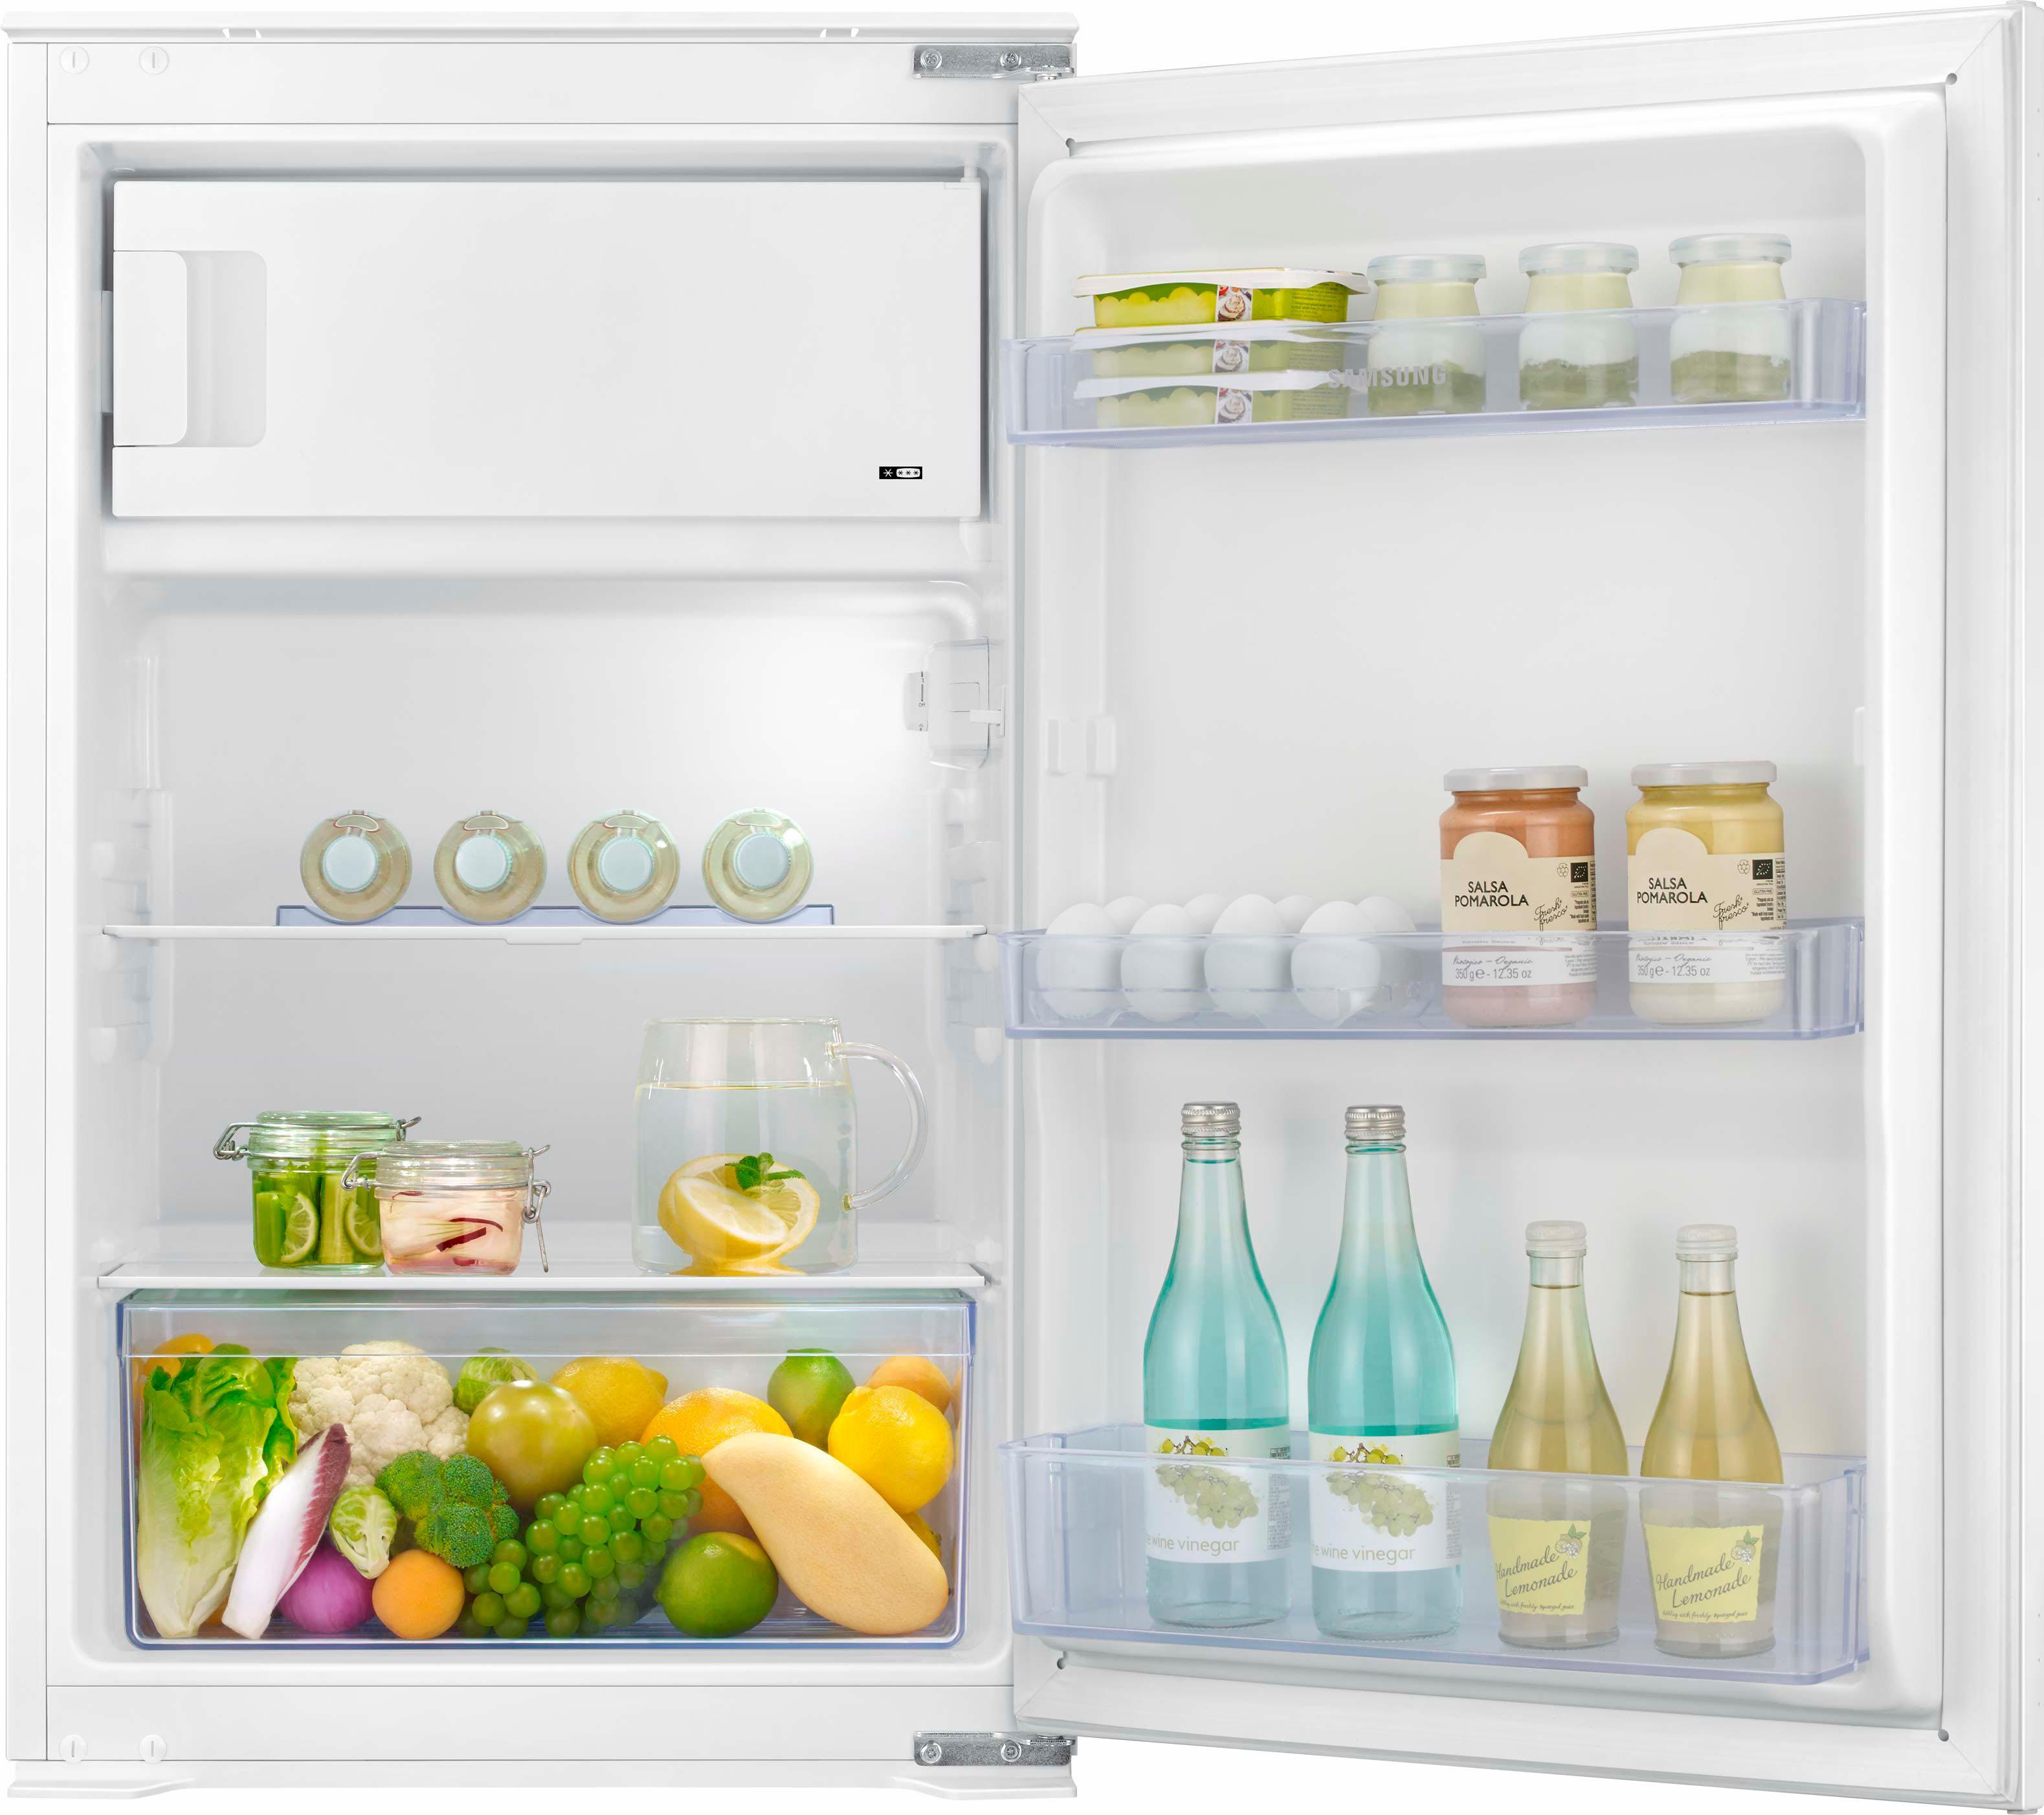 Einbaukühlschränke Gefrierfach Preisvergleich Die Besten Angebote